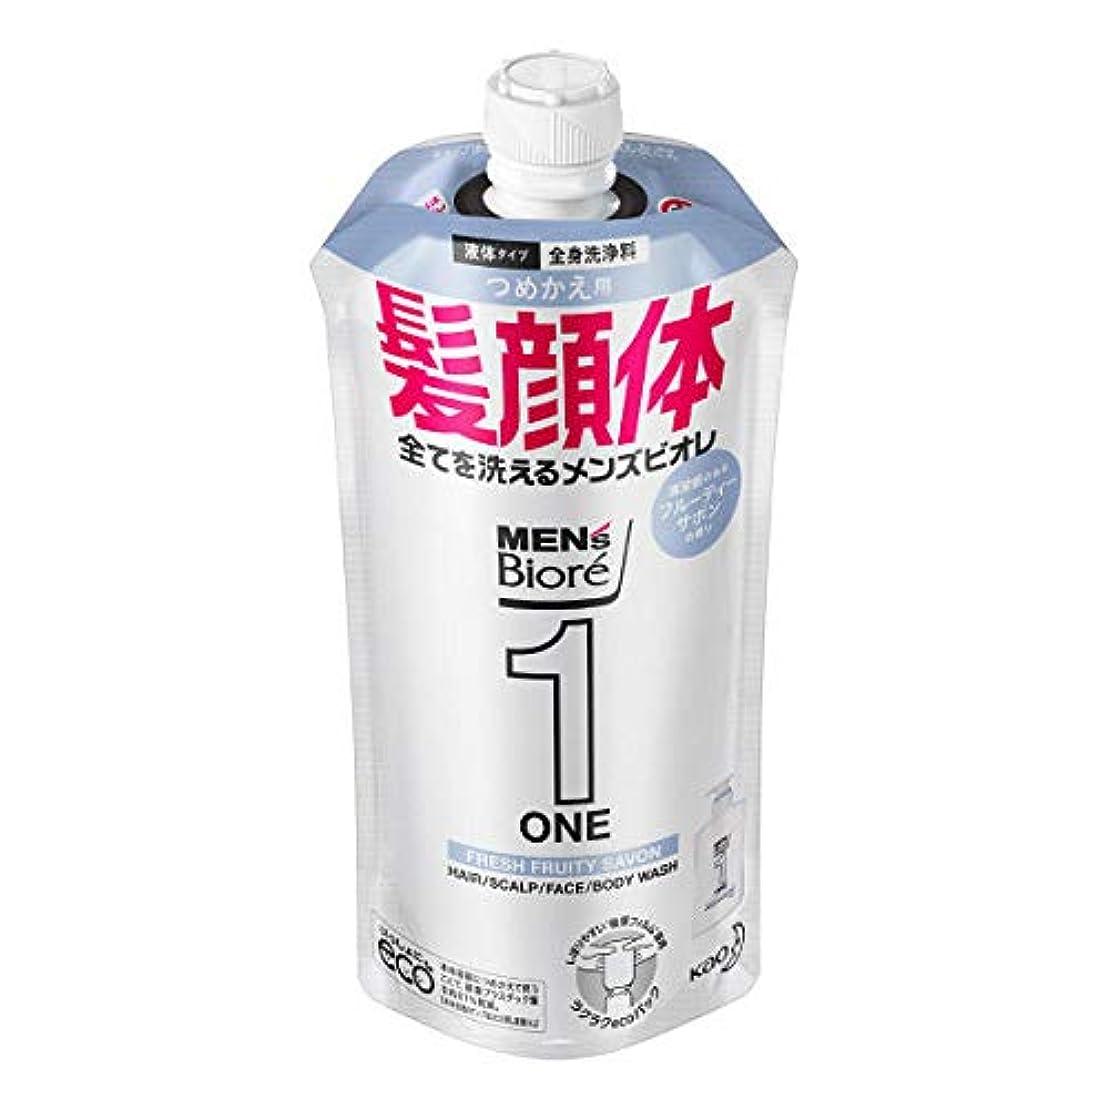 よく話される代理店おじいちゃんメンズビオレONE オールインワン全身洗浄料 清潔感のあるフルーティーサボンの香り つめかえ用 340mL